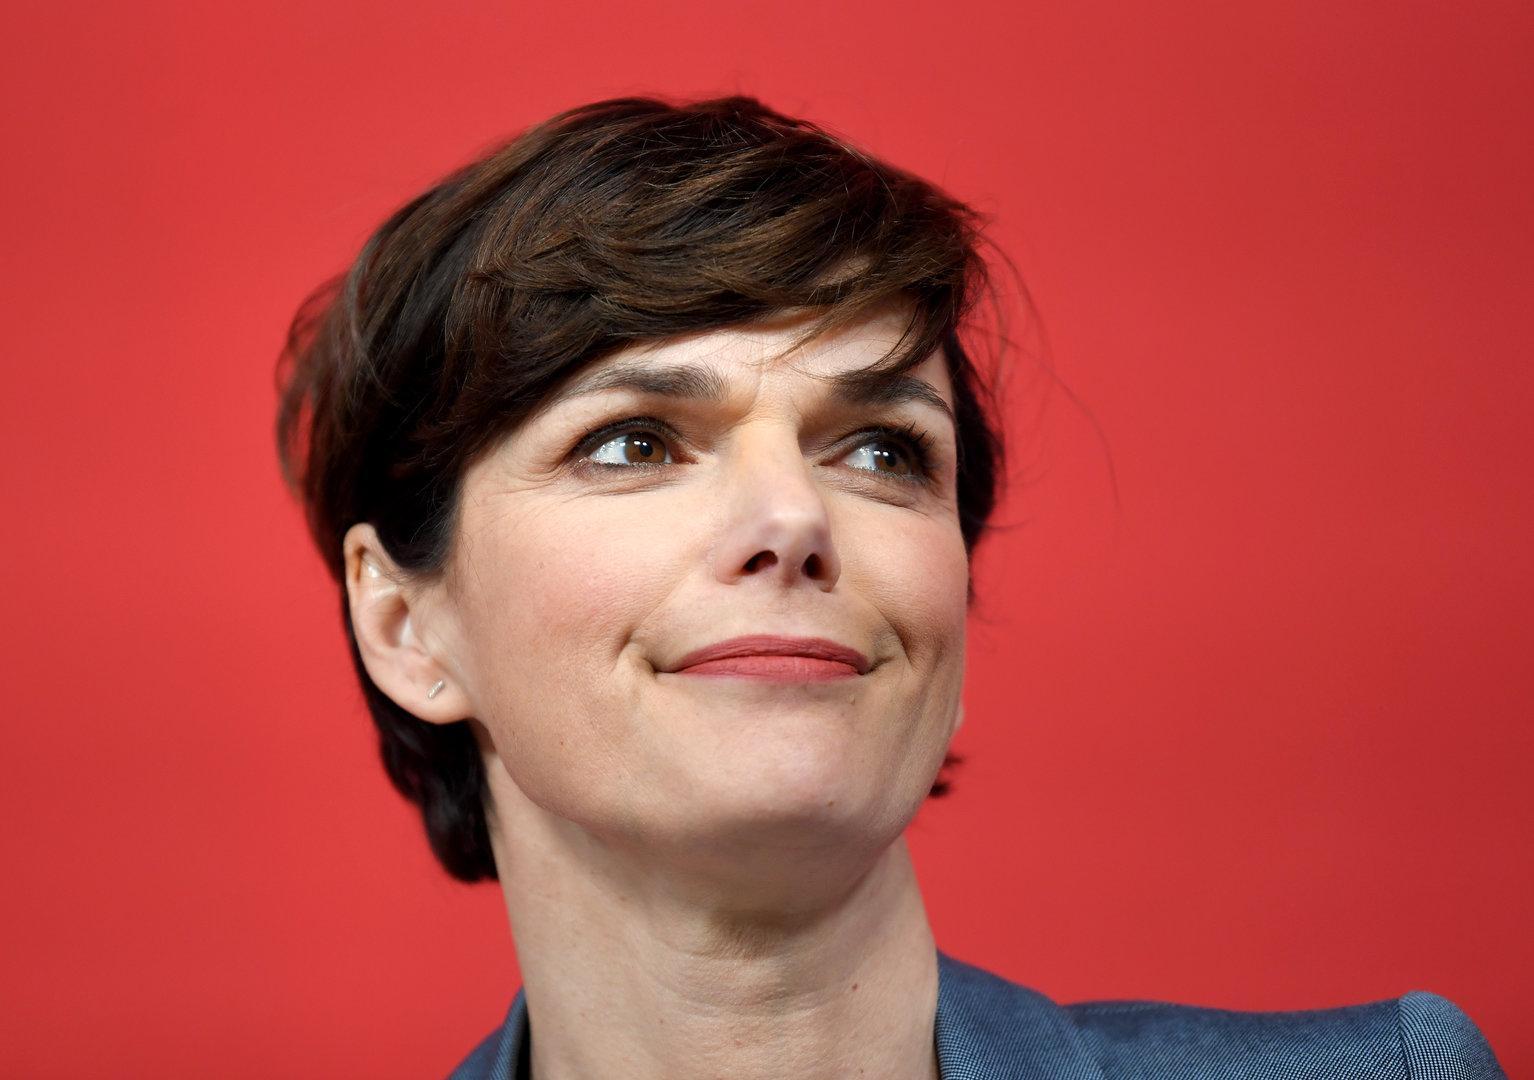 Mitgliederbefragung: Rendi-Wagner will Schmerzgrenze nicht nennen